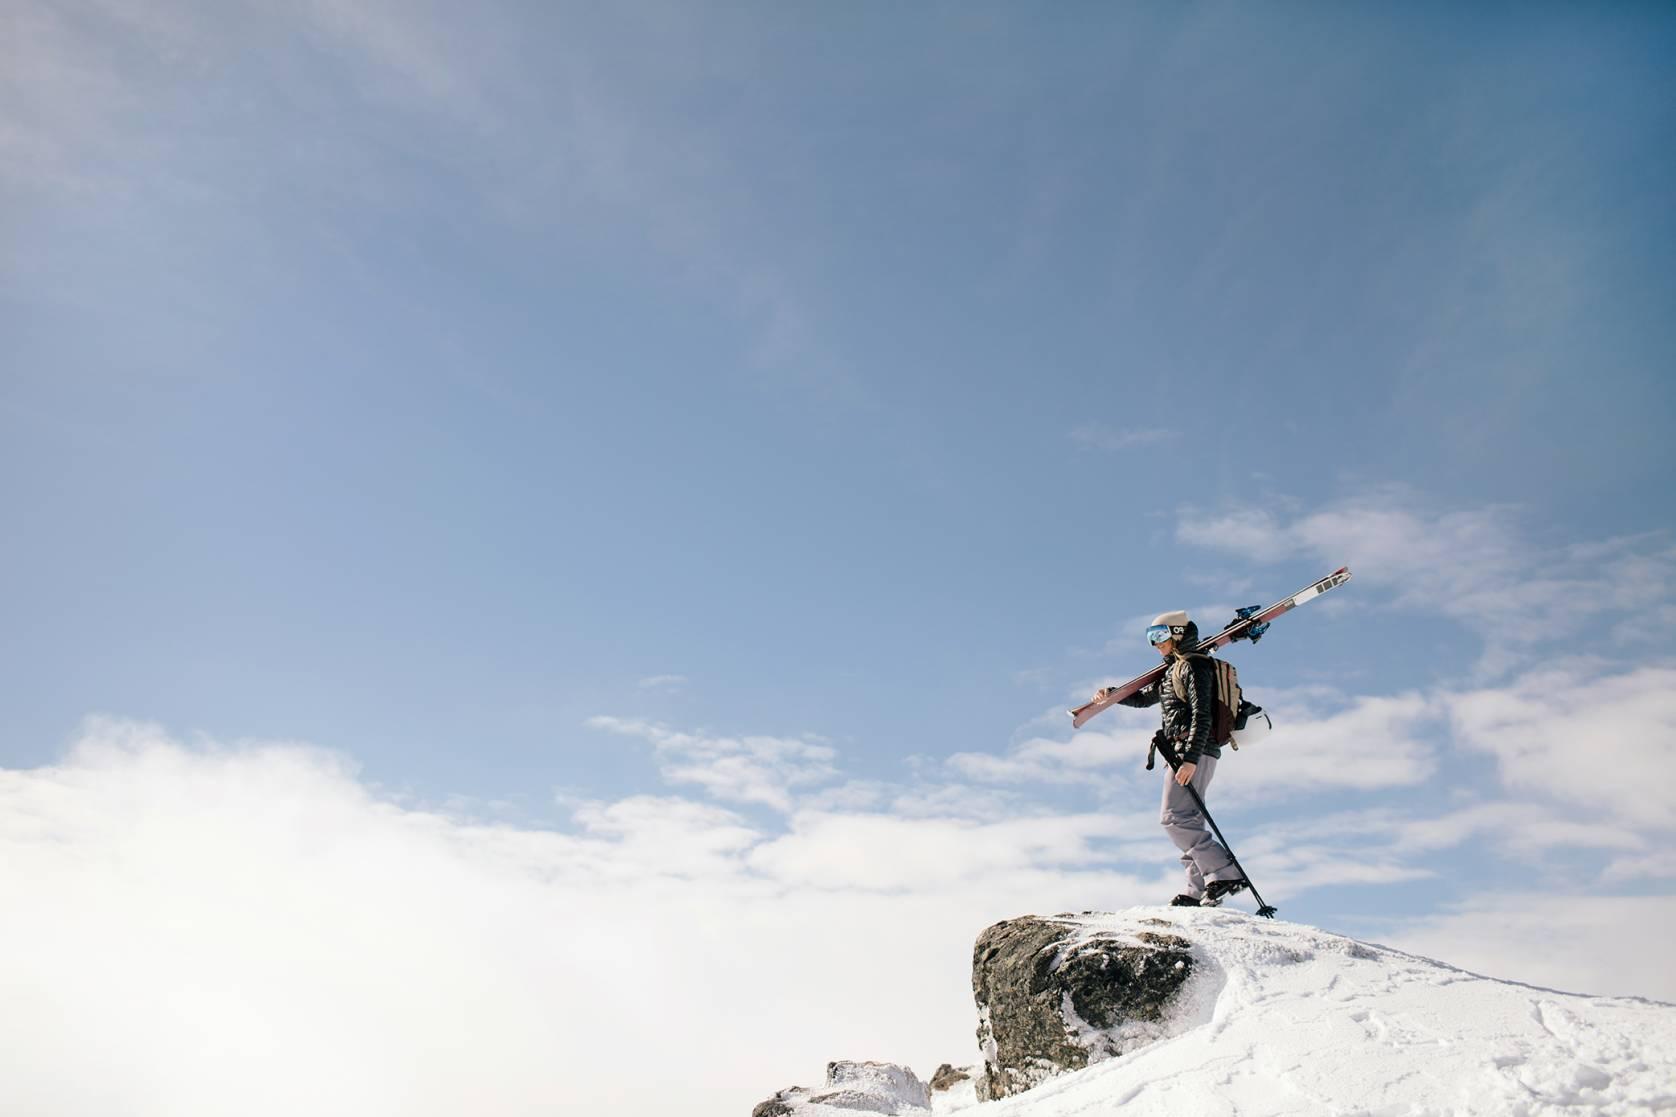 evo, skiing in Whistler